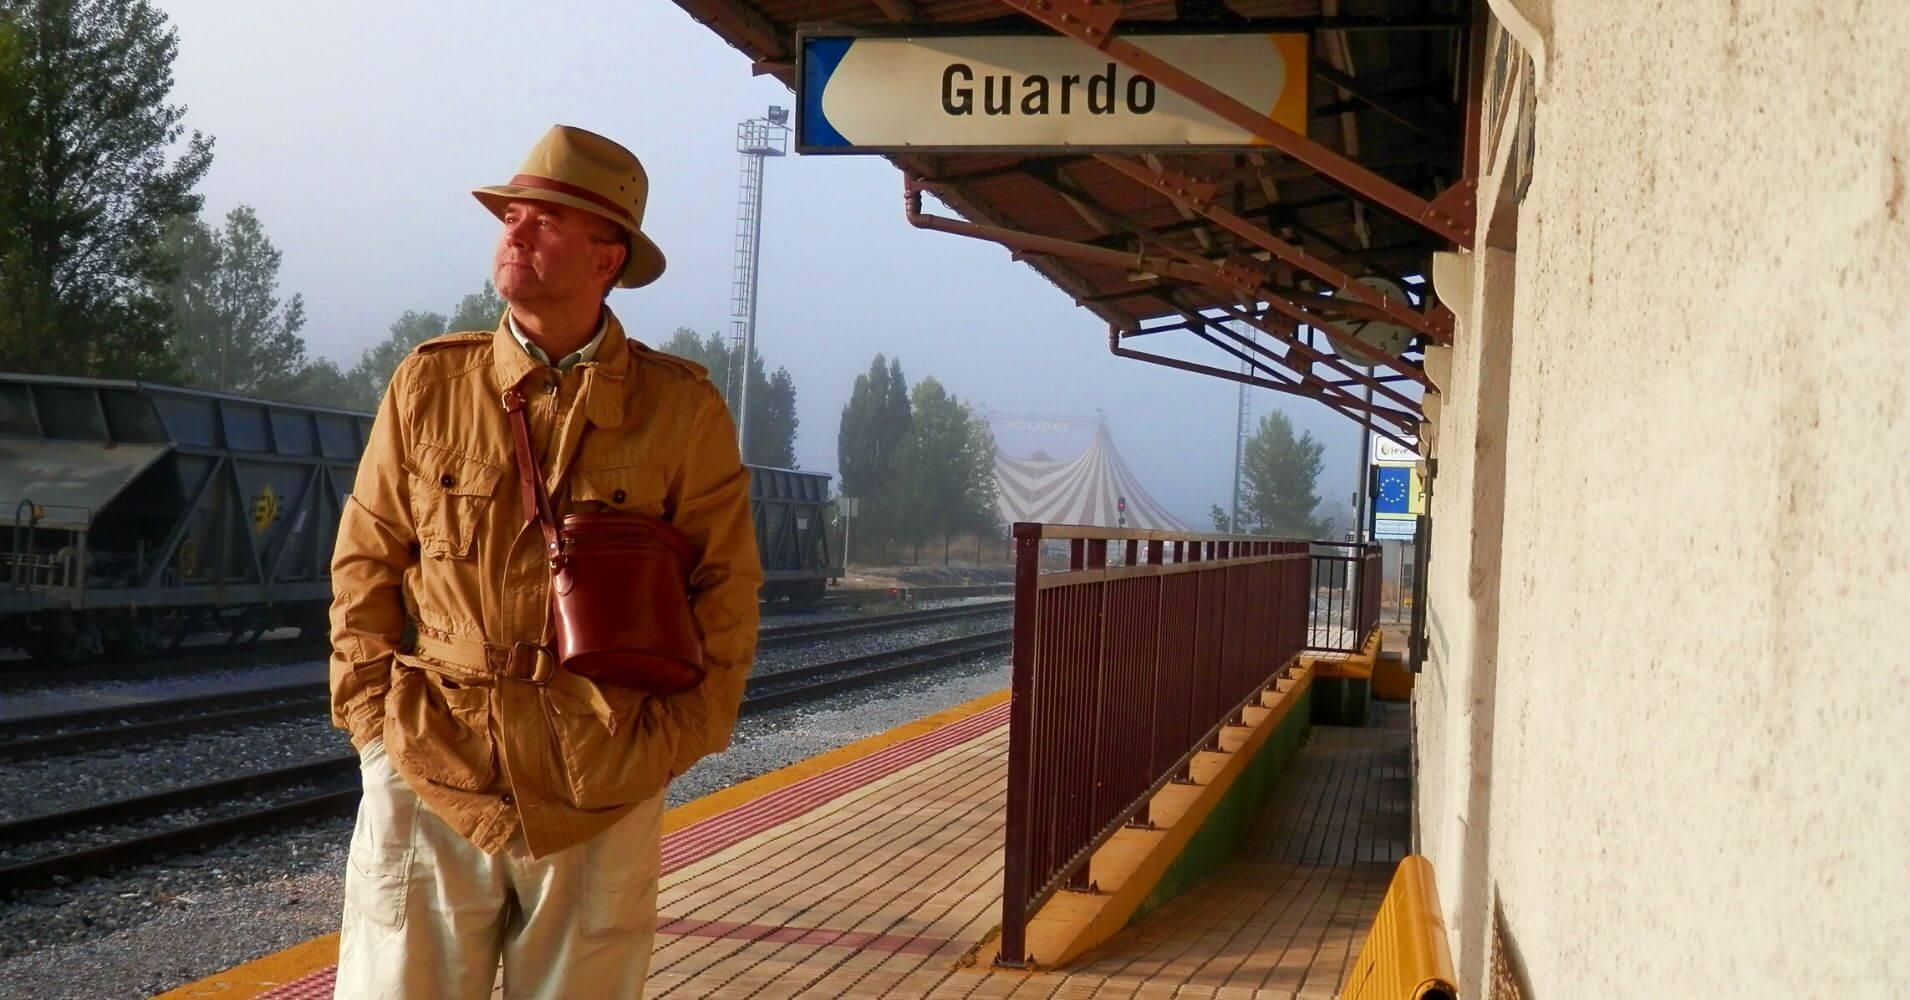 Estación de Guardo. Viaje en Tren en el Expreso de la Robla. De Bilbao a La Robla, León.